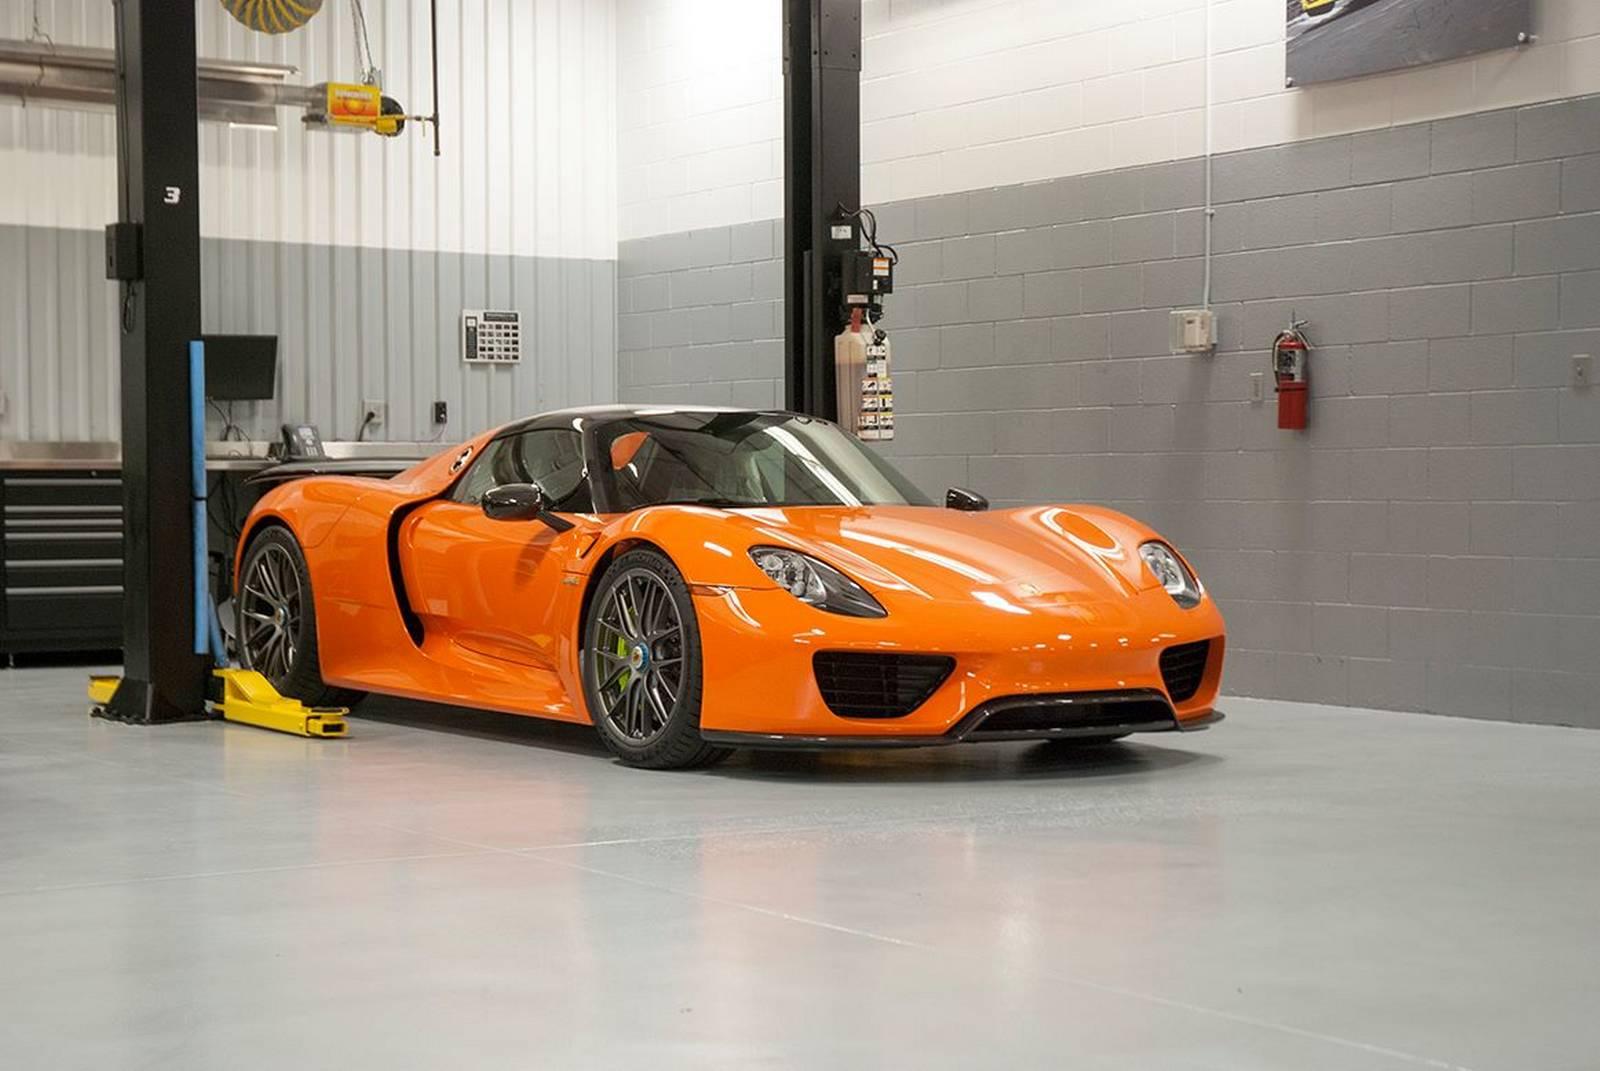 Orange Porsche 918 Spyder